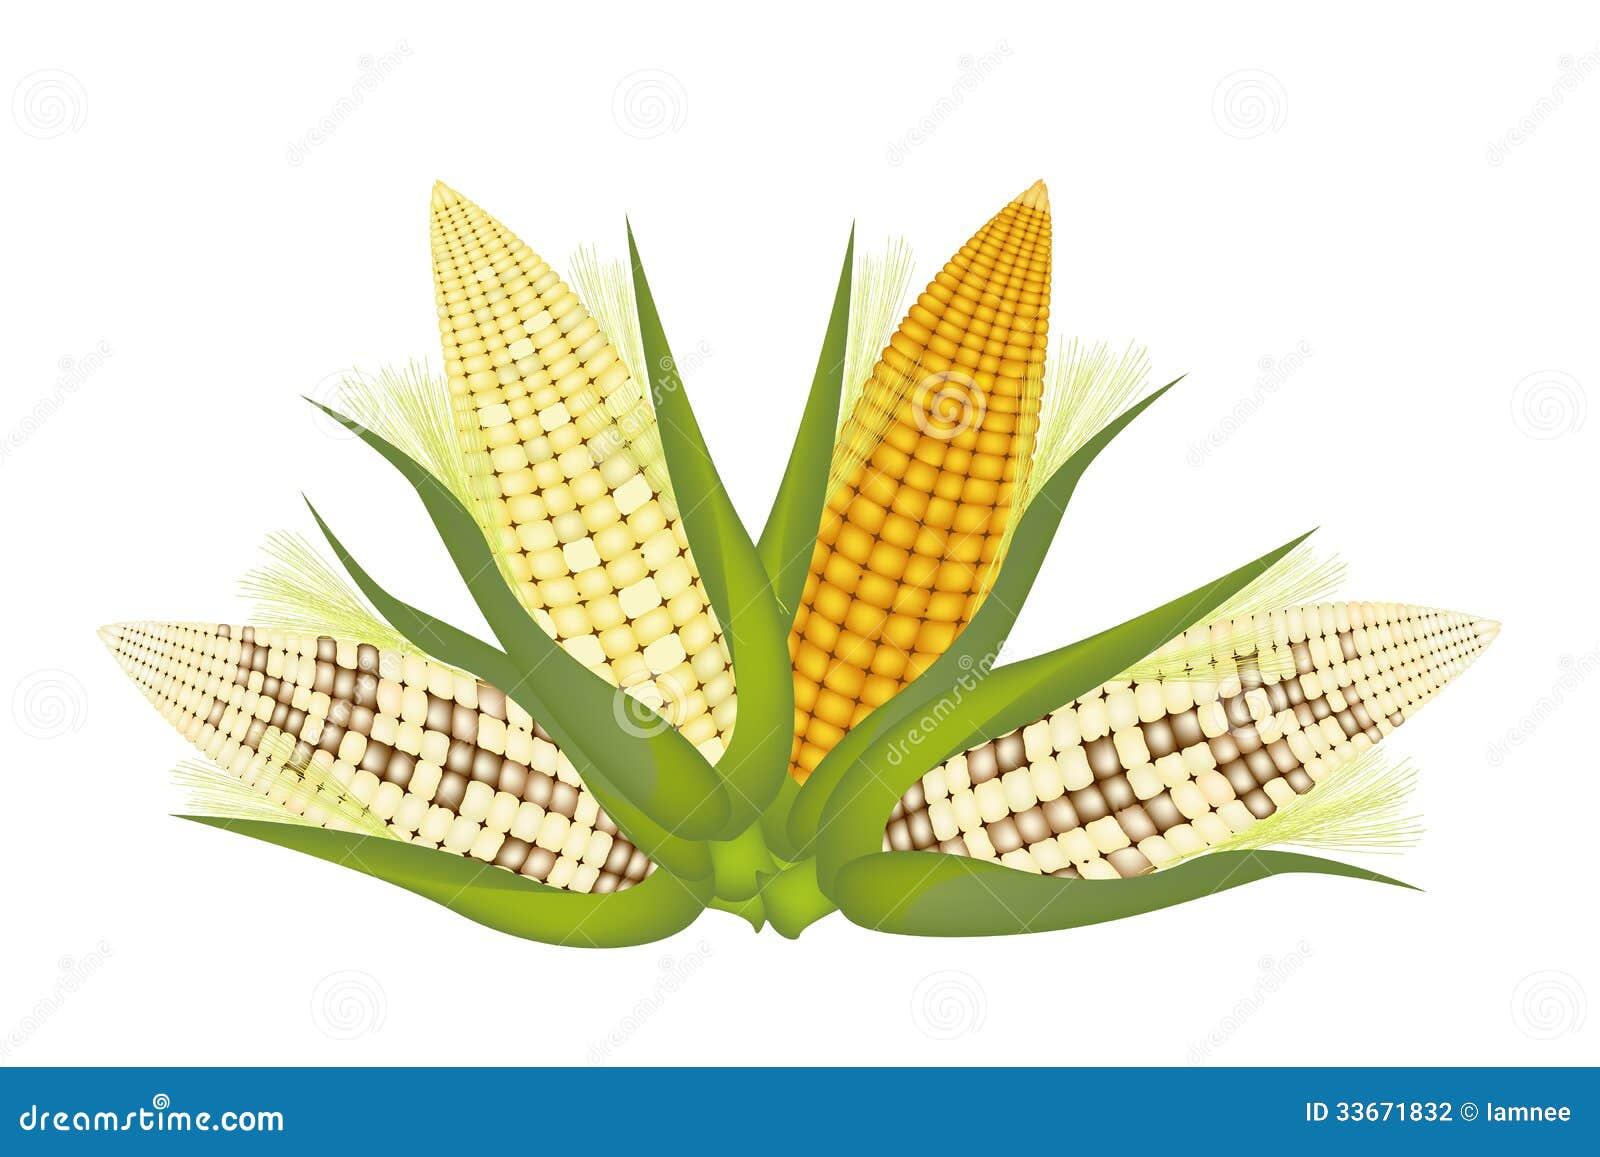 四个玉米穗与果壳和丝绸的图片